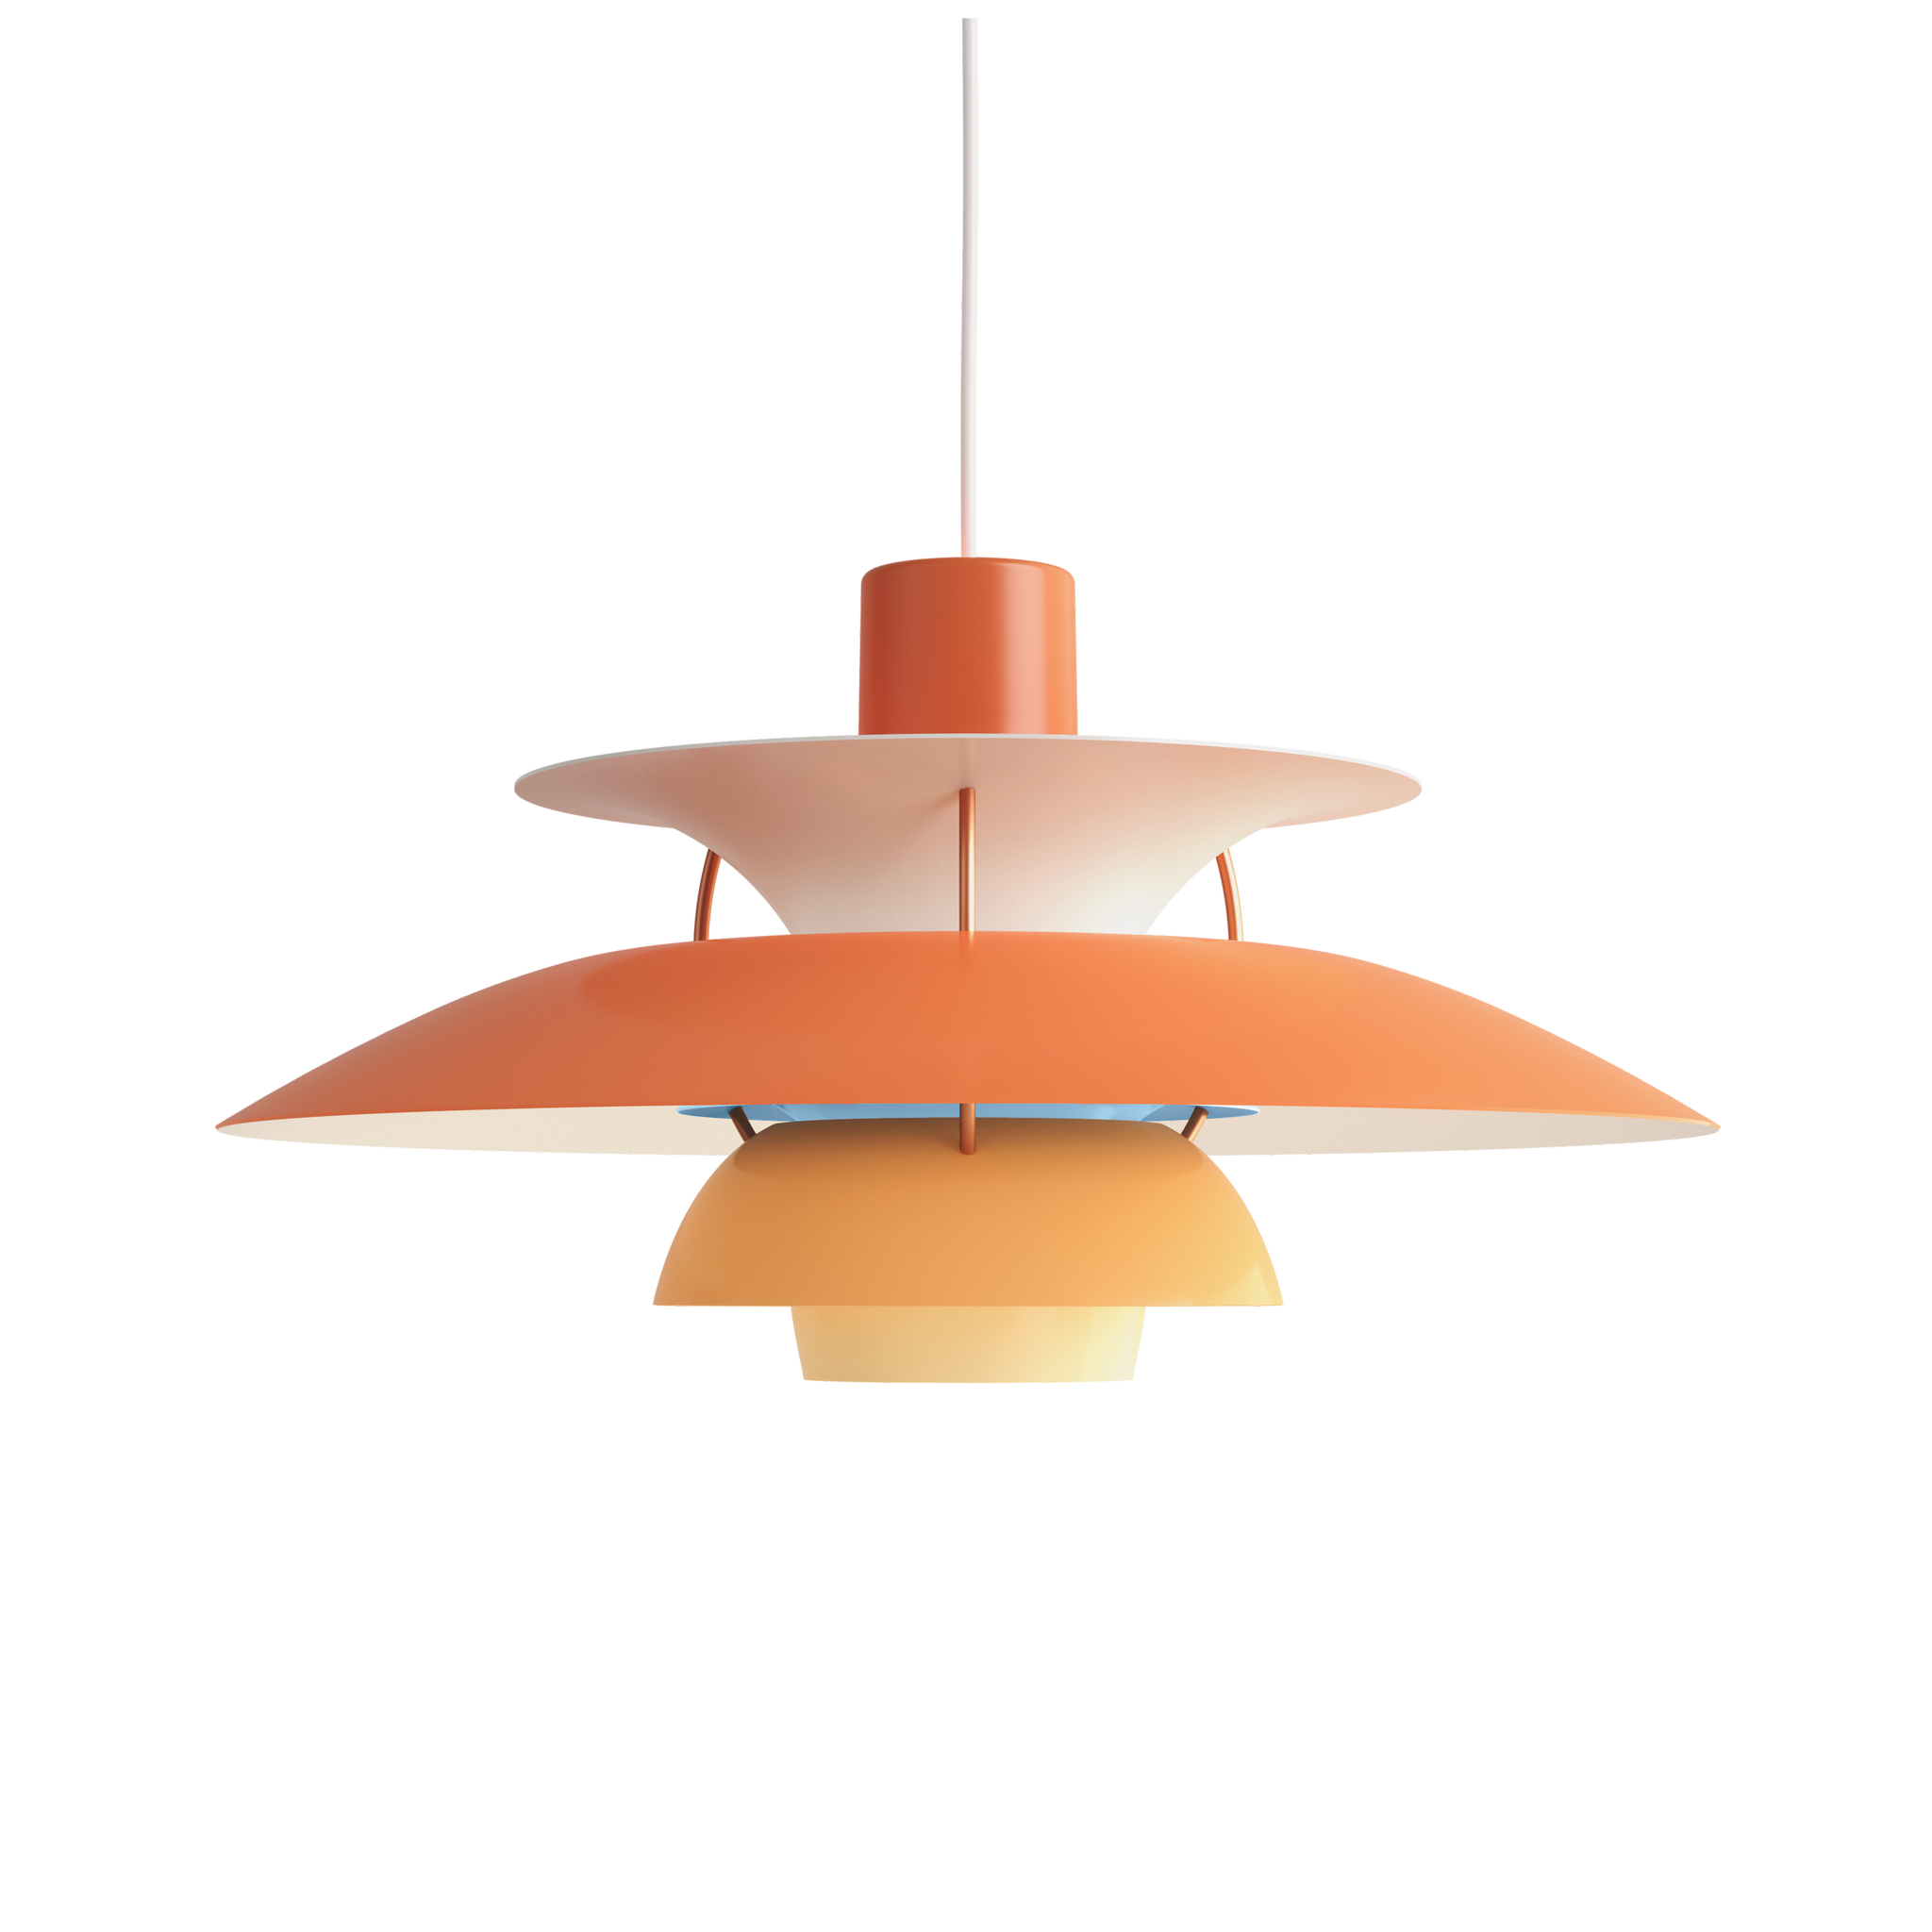 Prikken over i en i ethvert interiør: 11 ikoniske lamper